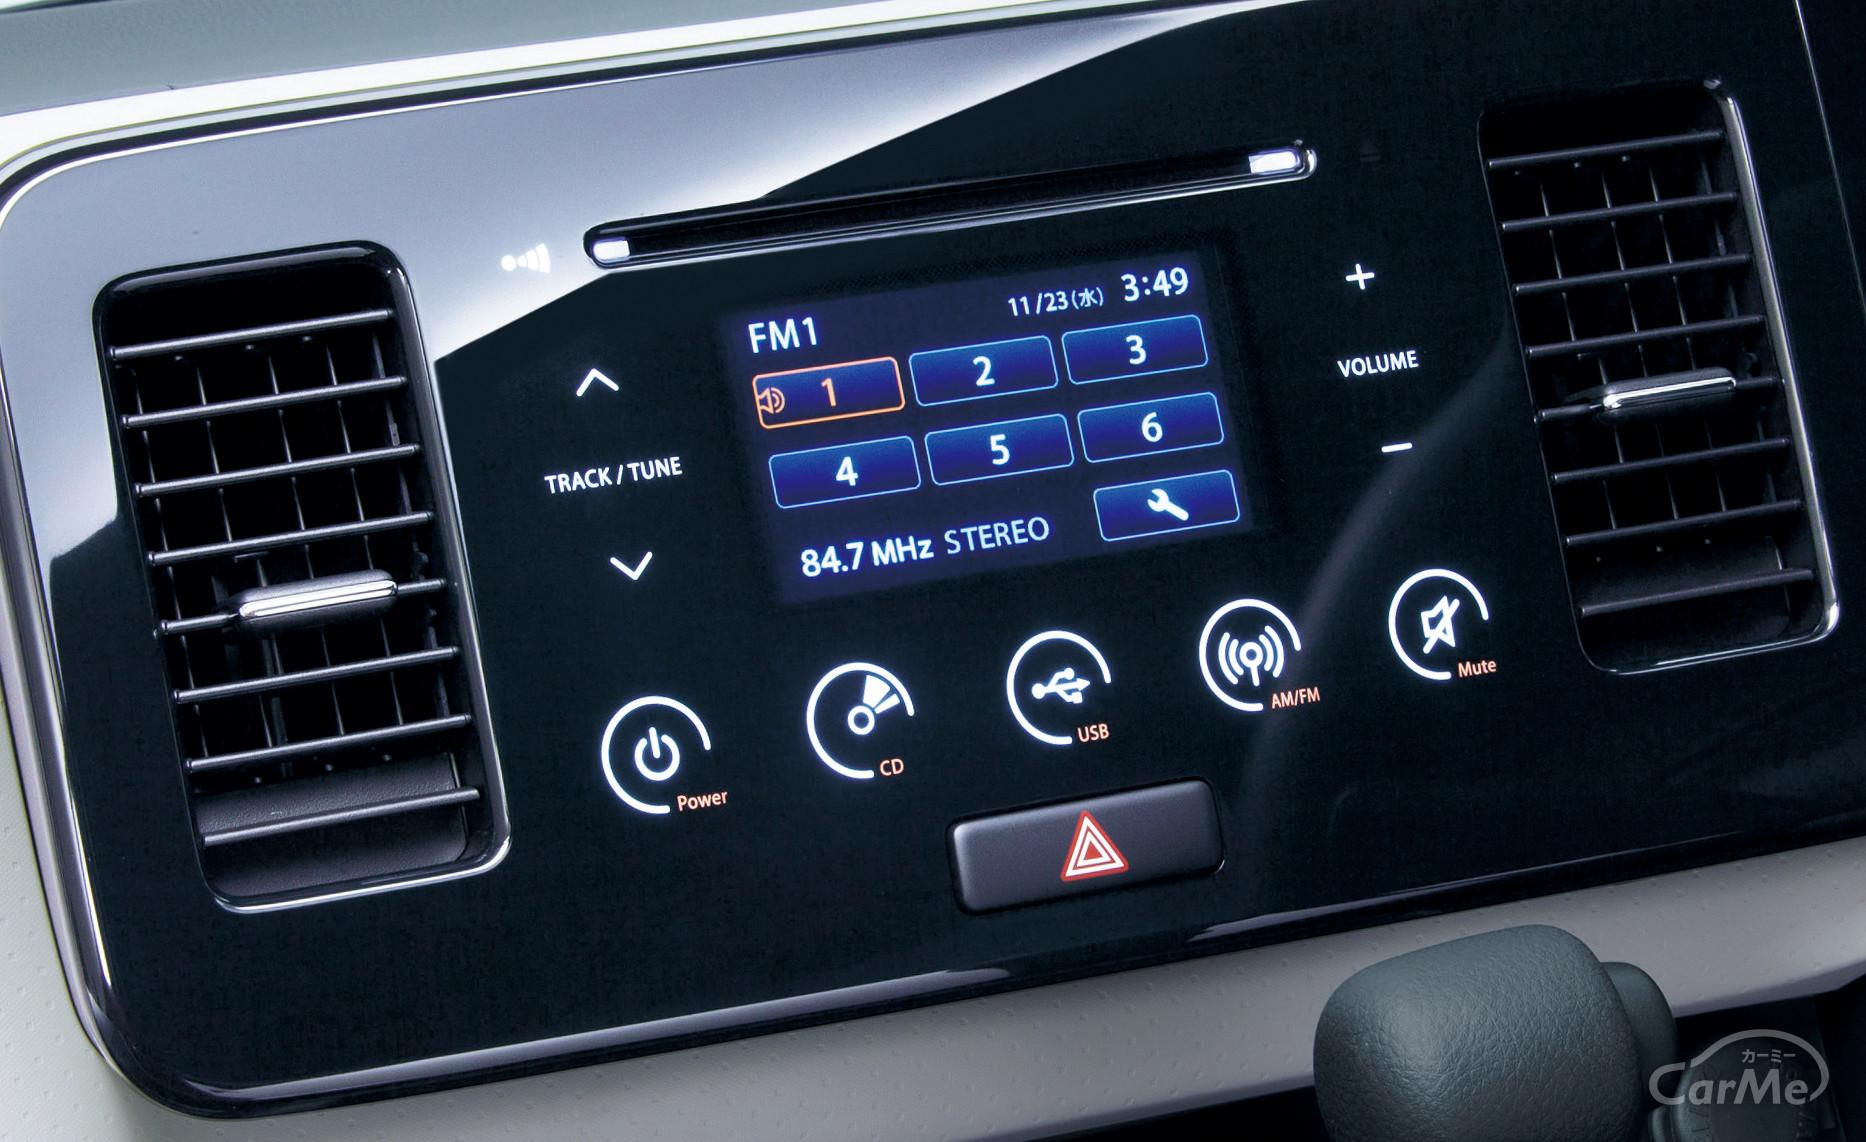 ザザザ…車のラジオからノイズが!その原因と対処法は?